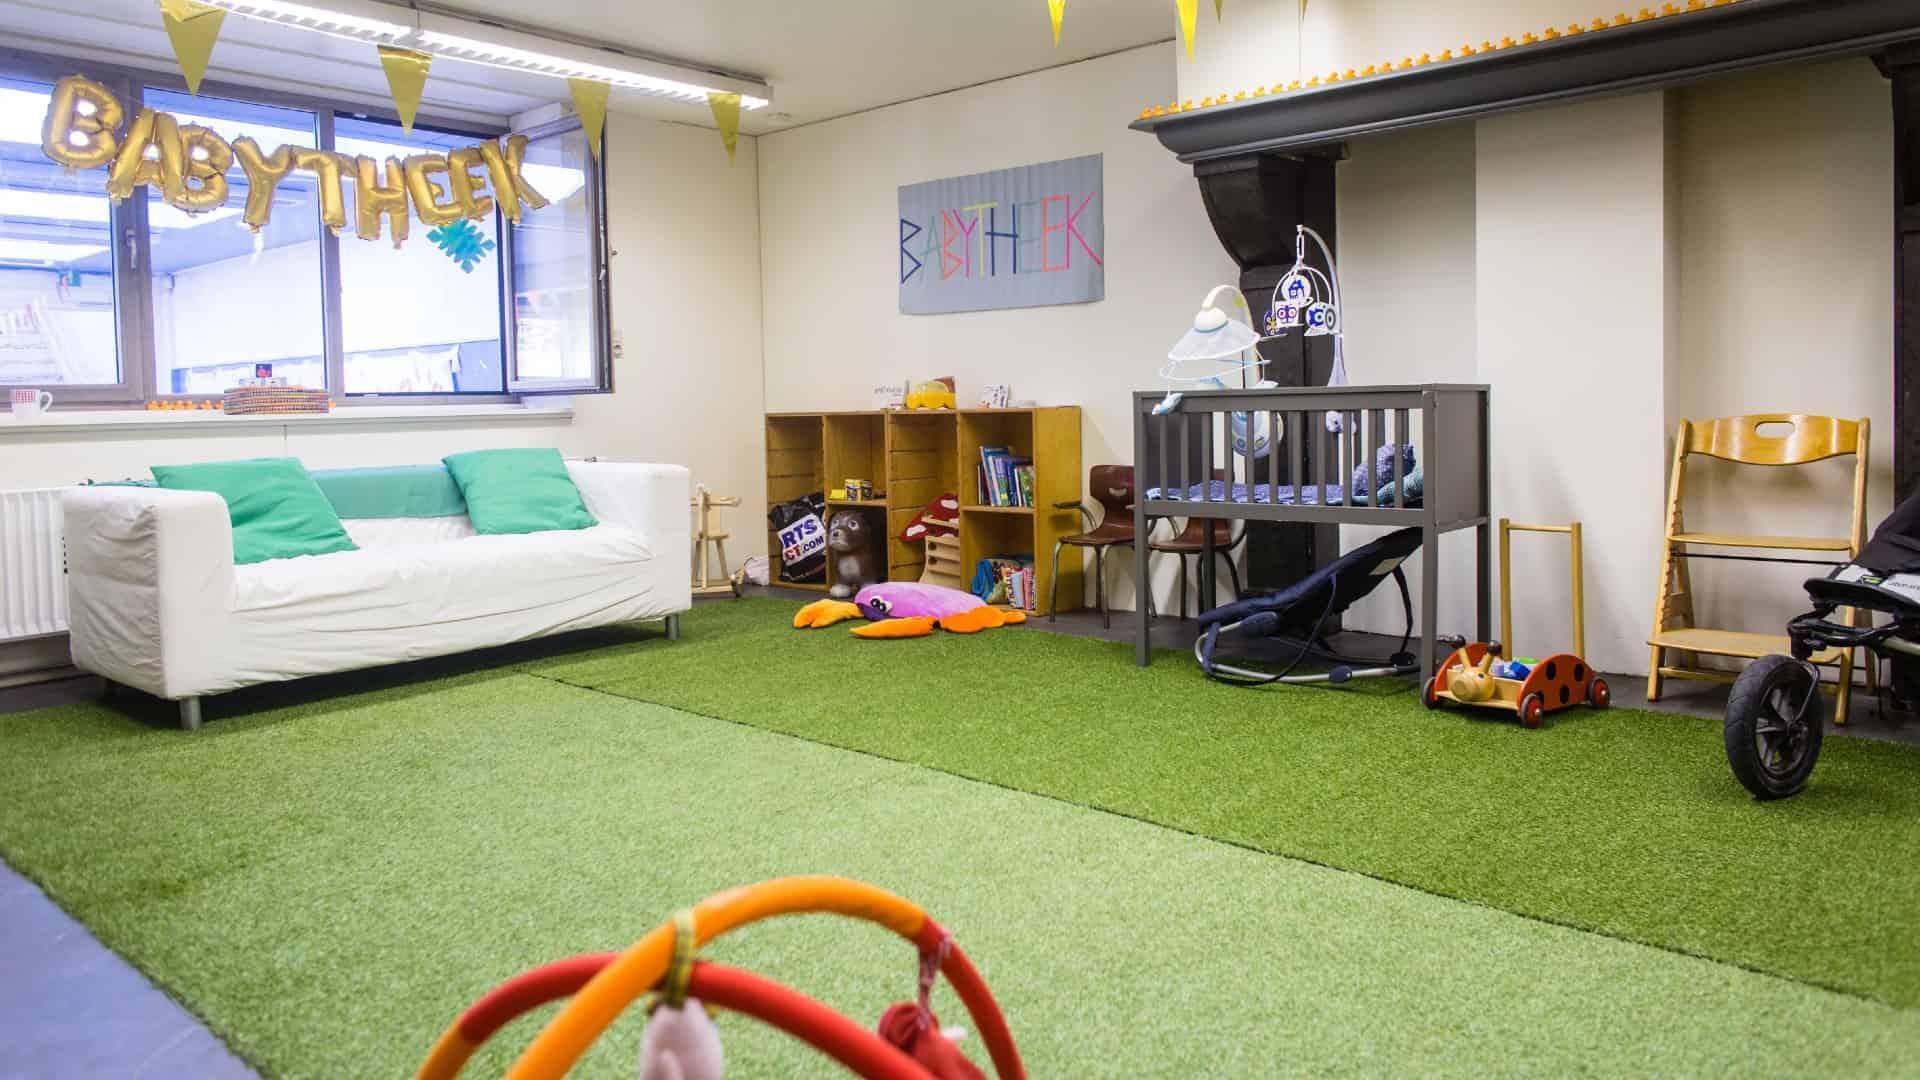 Babytheek - bibliotheek voor babyspullen